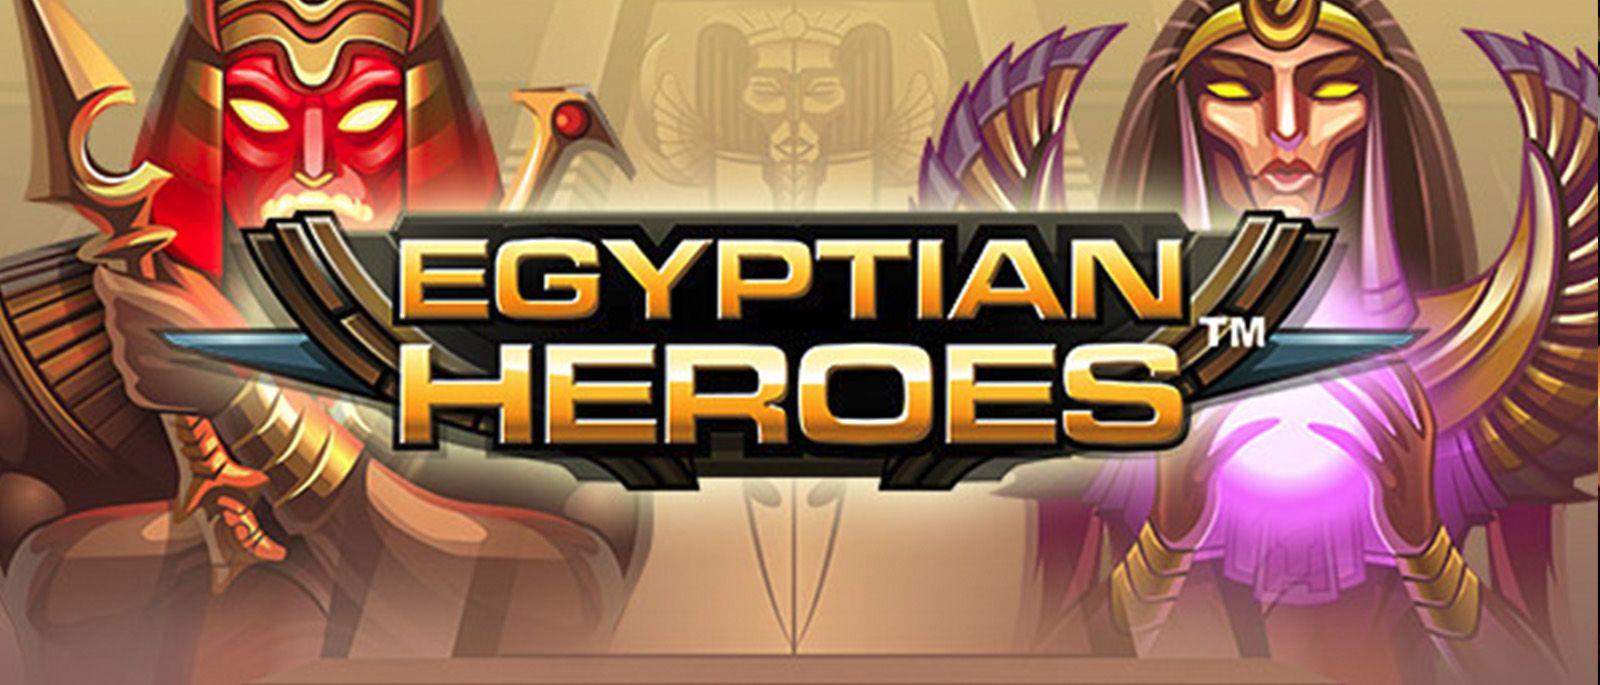 Neuer Beitrag EGYPTIAN HEROES hat sich auf CASINO VERGLEICHER veröffentlicht  http://go2l.ink/1HUZ  #EGYPTIANHEROES, #EgyptianHeroesSlot, #NetEnt, #NetentSlots, #SlotSpiele